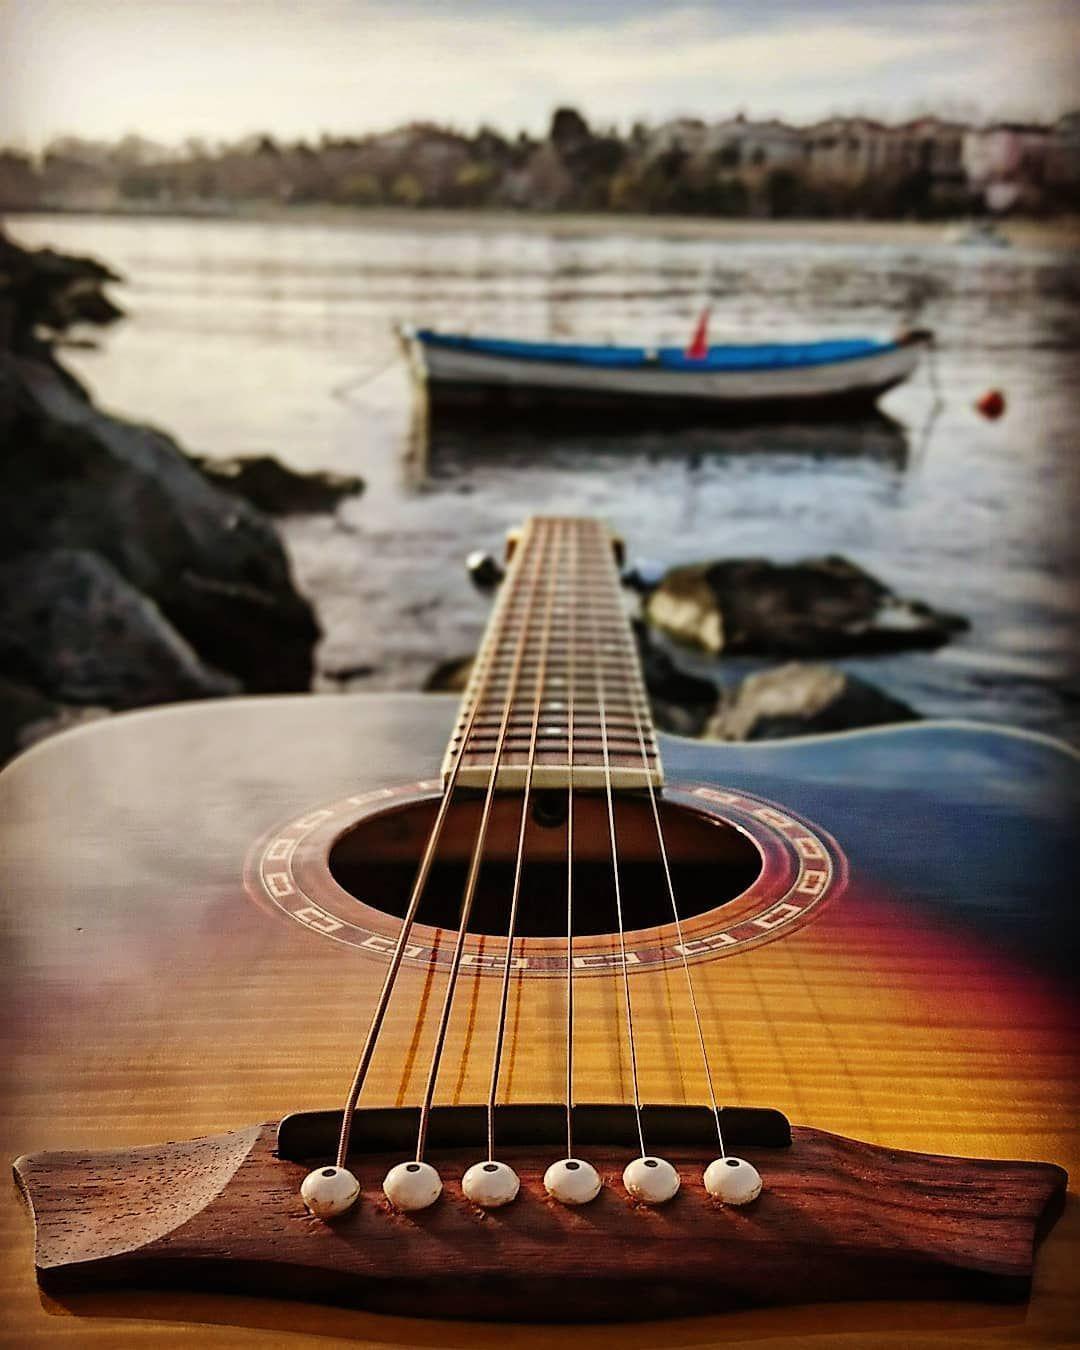 #guitar #gitar #guitarist #gitarist #musician #muzisyen #music #müzik #acoustic #akustik #sea #deniz #beach #sahil #boat #sandal #sky #gökyüzü #florya #instagood #photooftheday #kadraj #kadrajimdan #benimkadrajim #kadrajturkiye #ig_myshot #ig_fotogramers #ig_world #ig_fotografdiyari #washburn